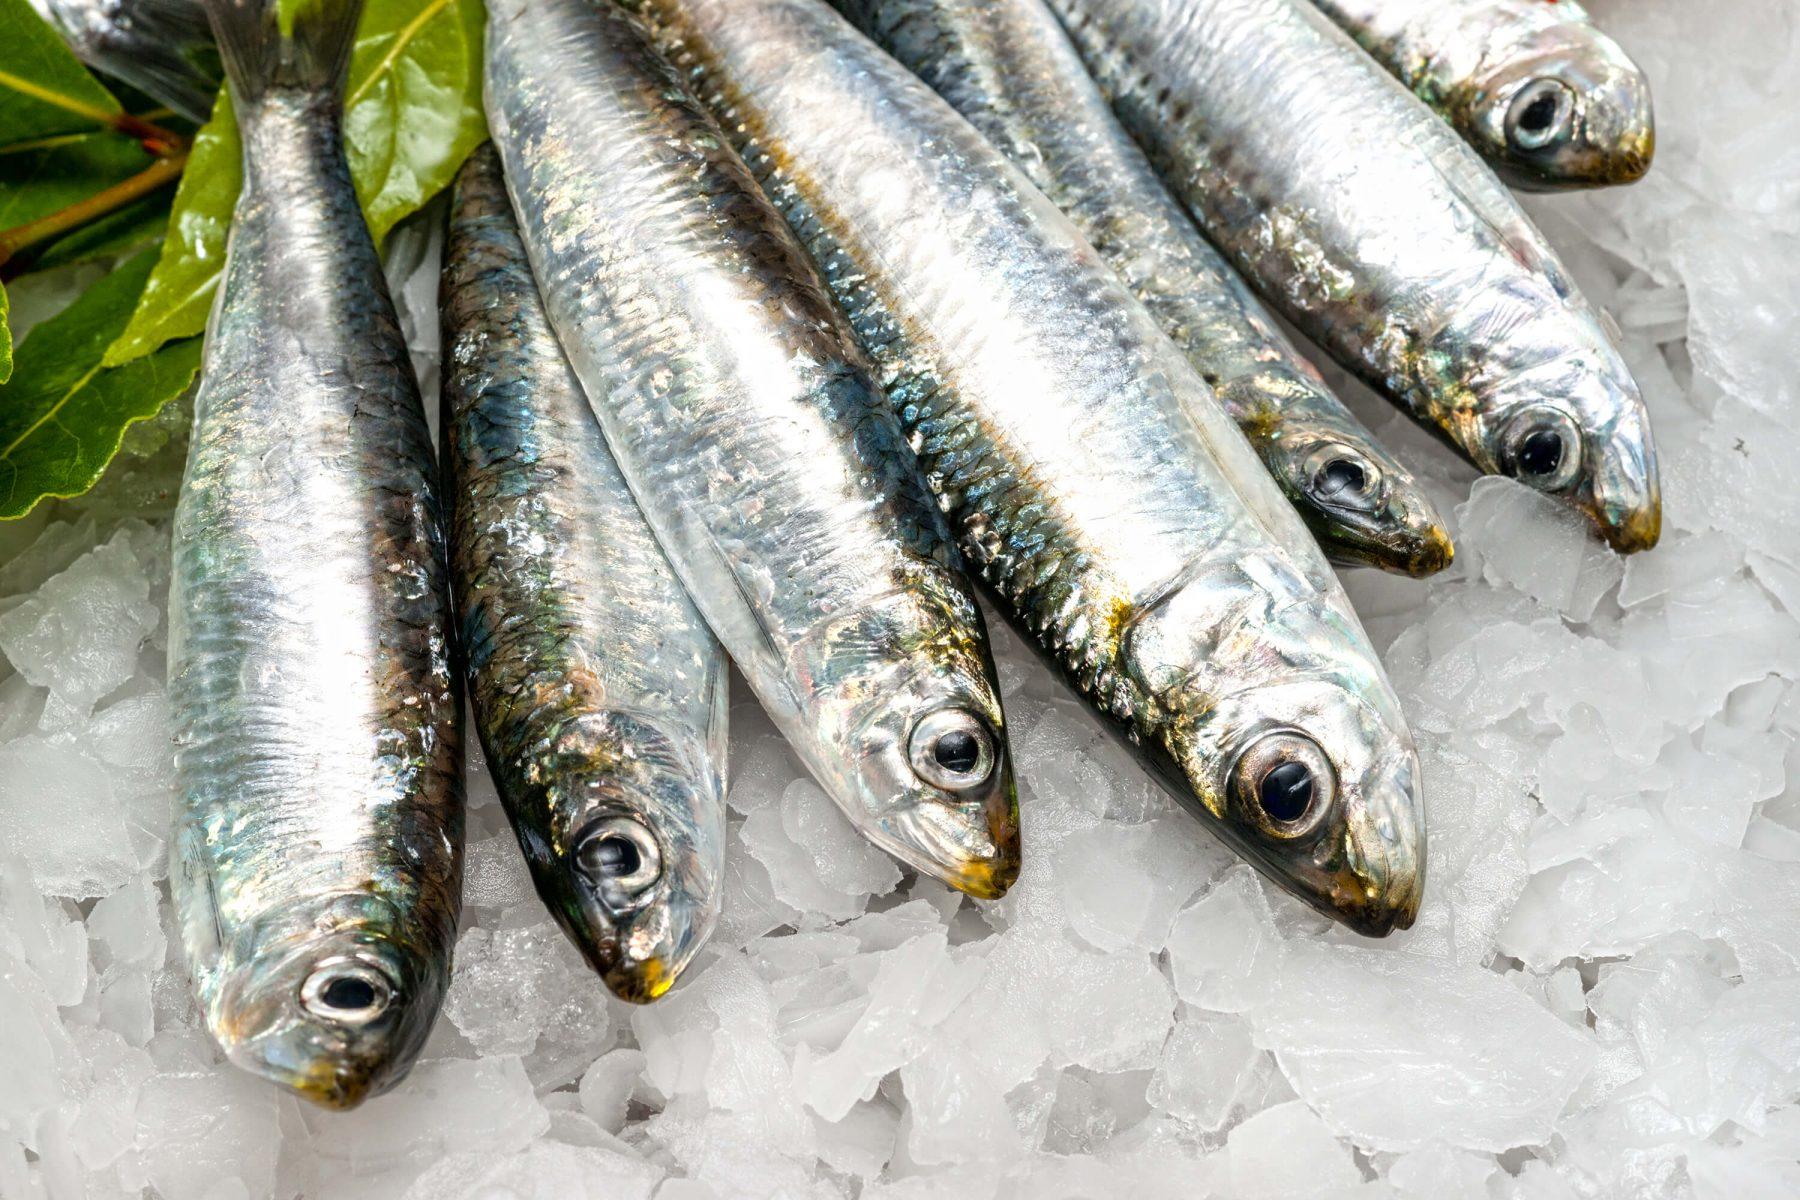 Фото море и рыбы в высоком разрешении прежней работе